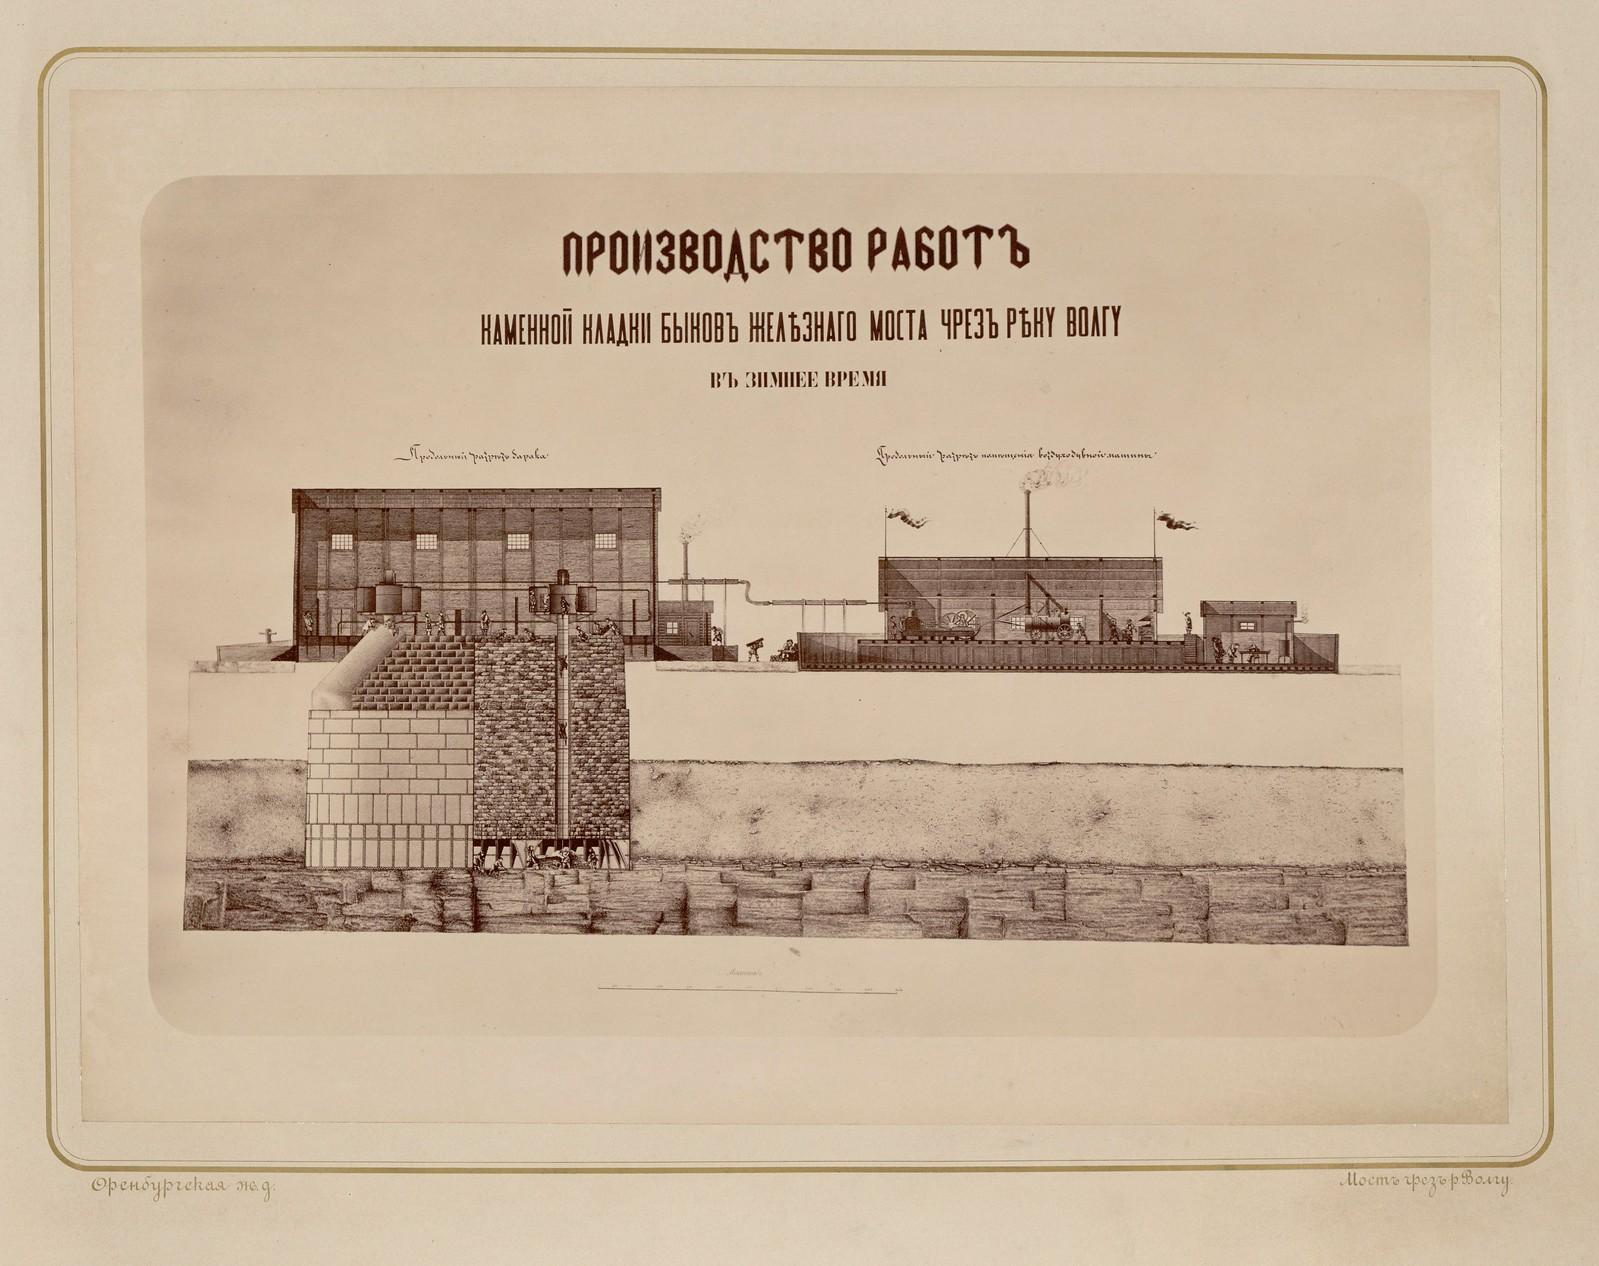 04. Производство работ каменной кладки